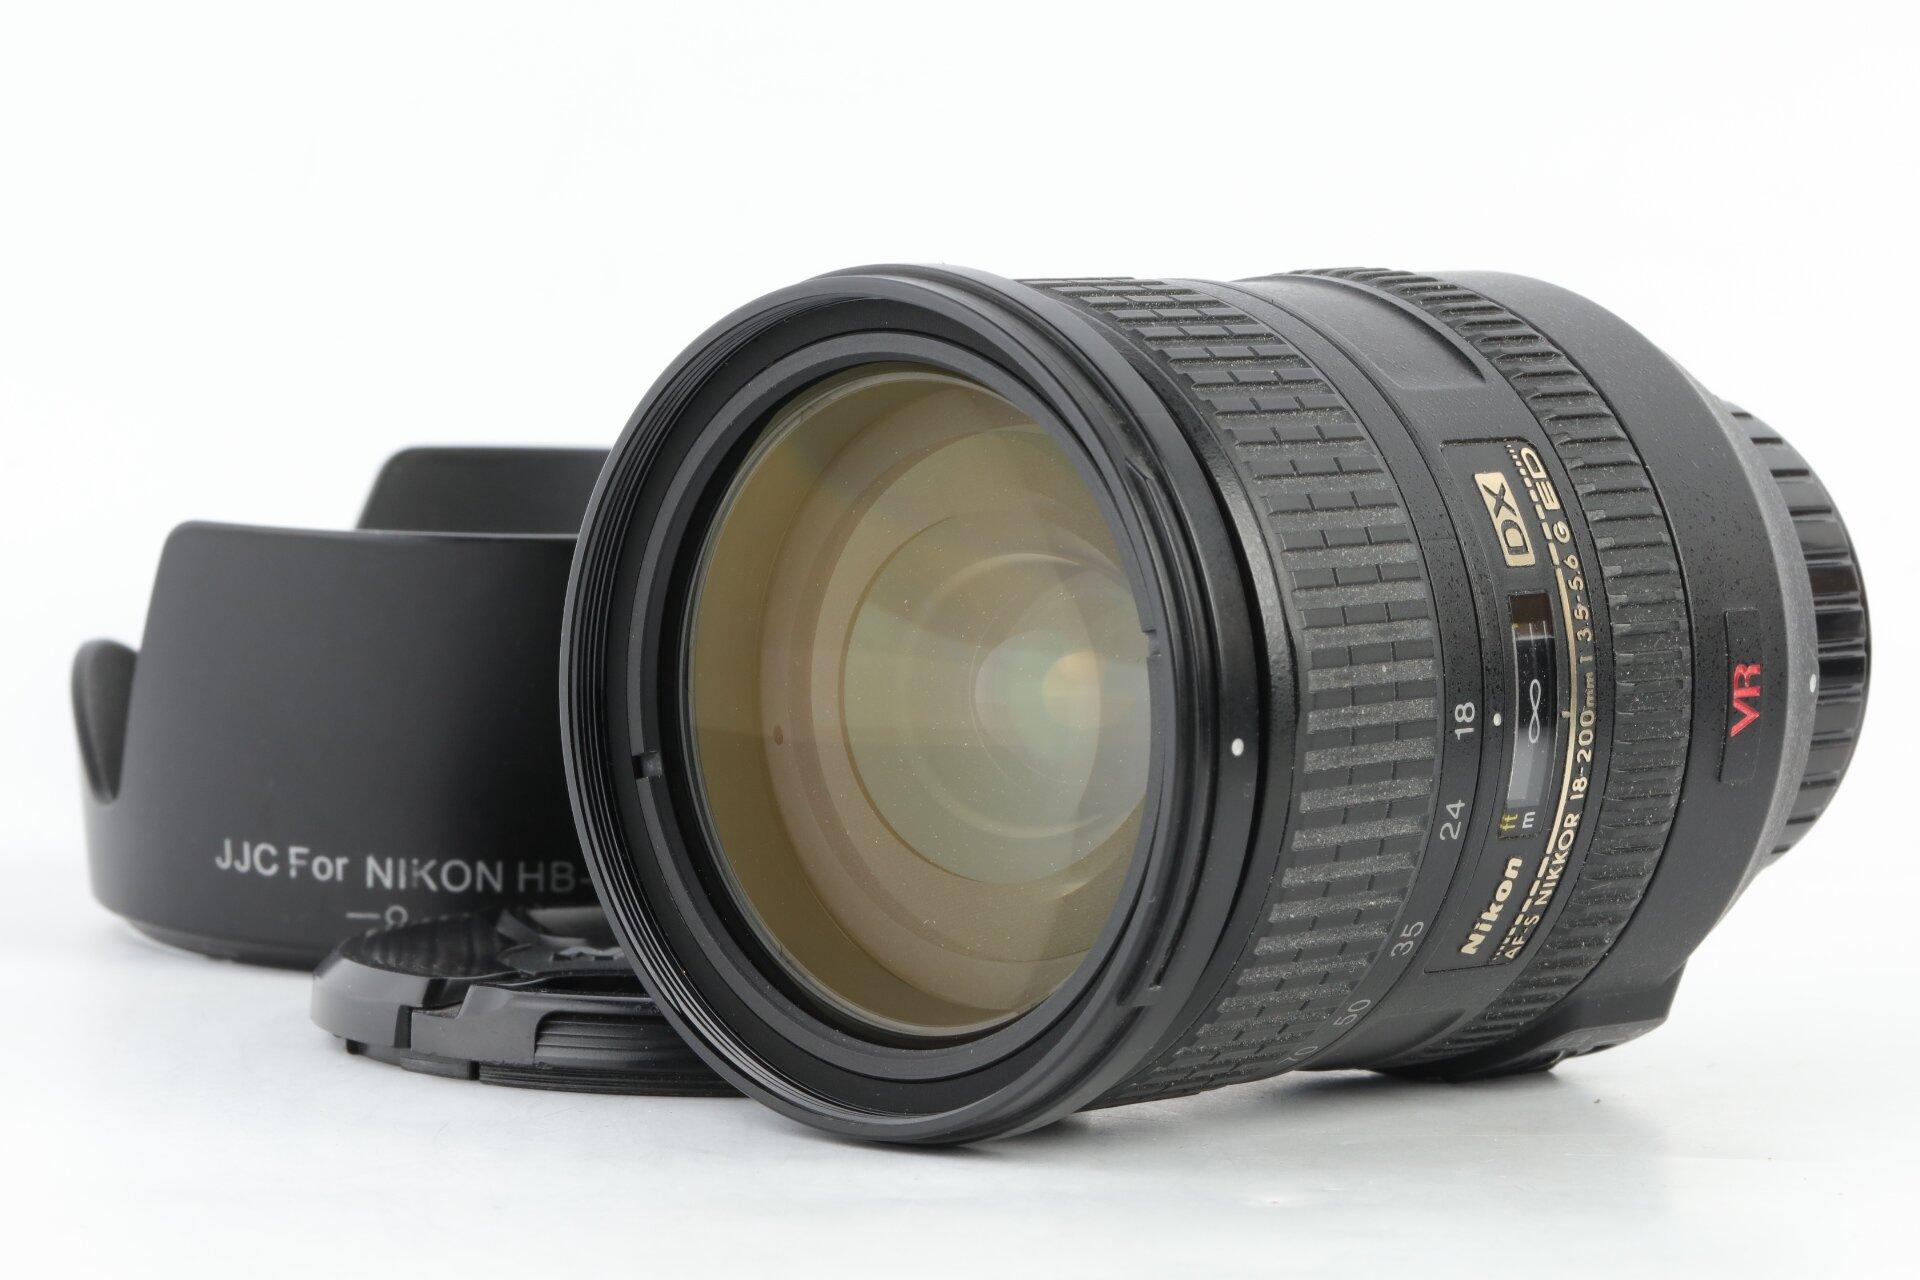 Nikon AF-S 18-200mm 3,5-5,6 G ED DX VR Nikkor